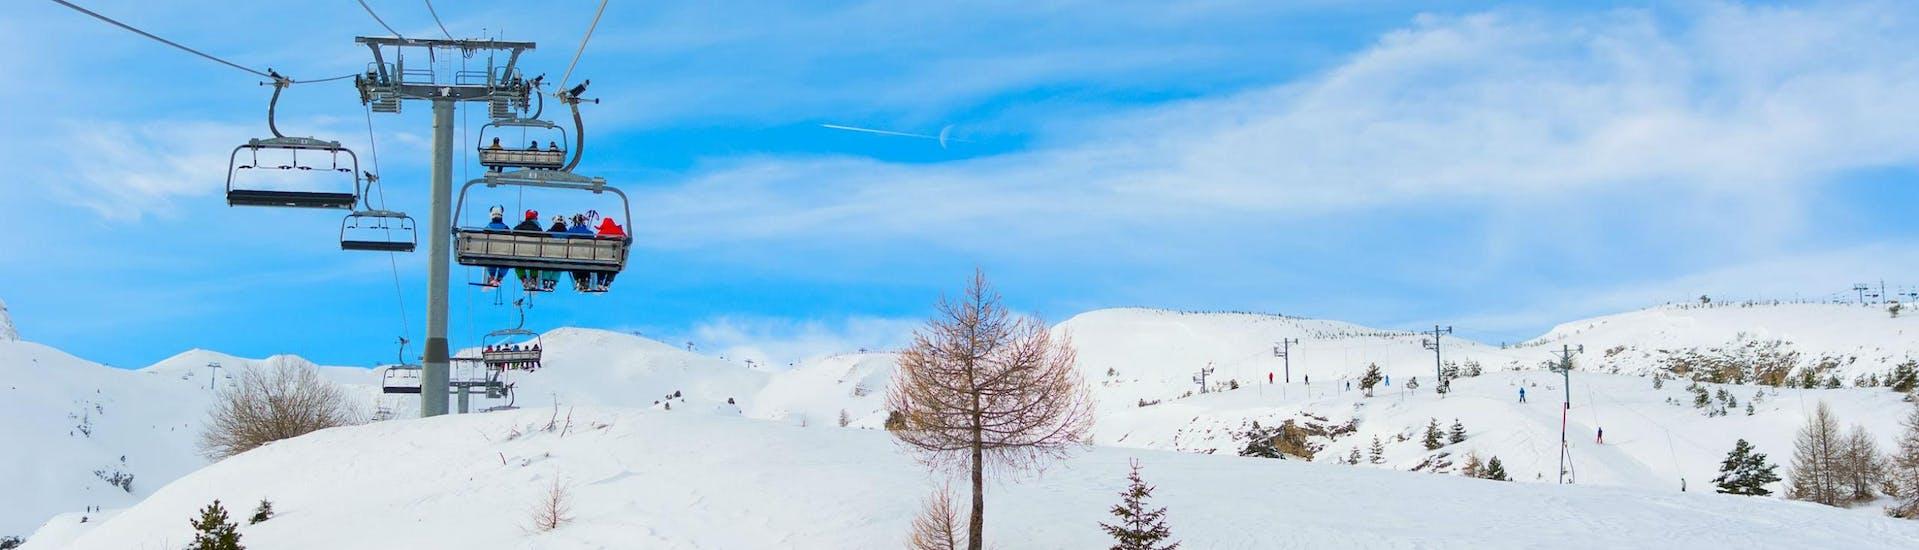 Un télésiège transporte des skieurs jusqu'au sommet de la montagne dans la station de ski française du Dévoluy, où les écoles de ski locales offrent une variété de cours de ski.